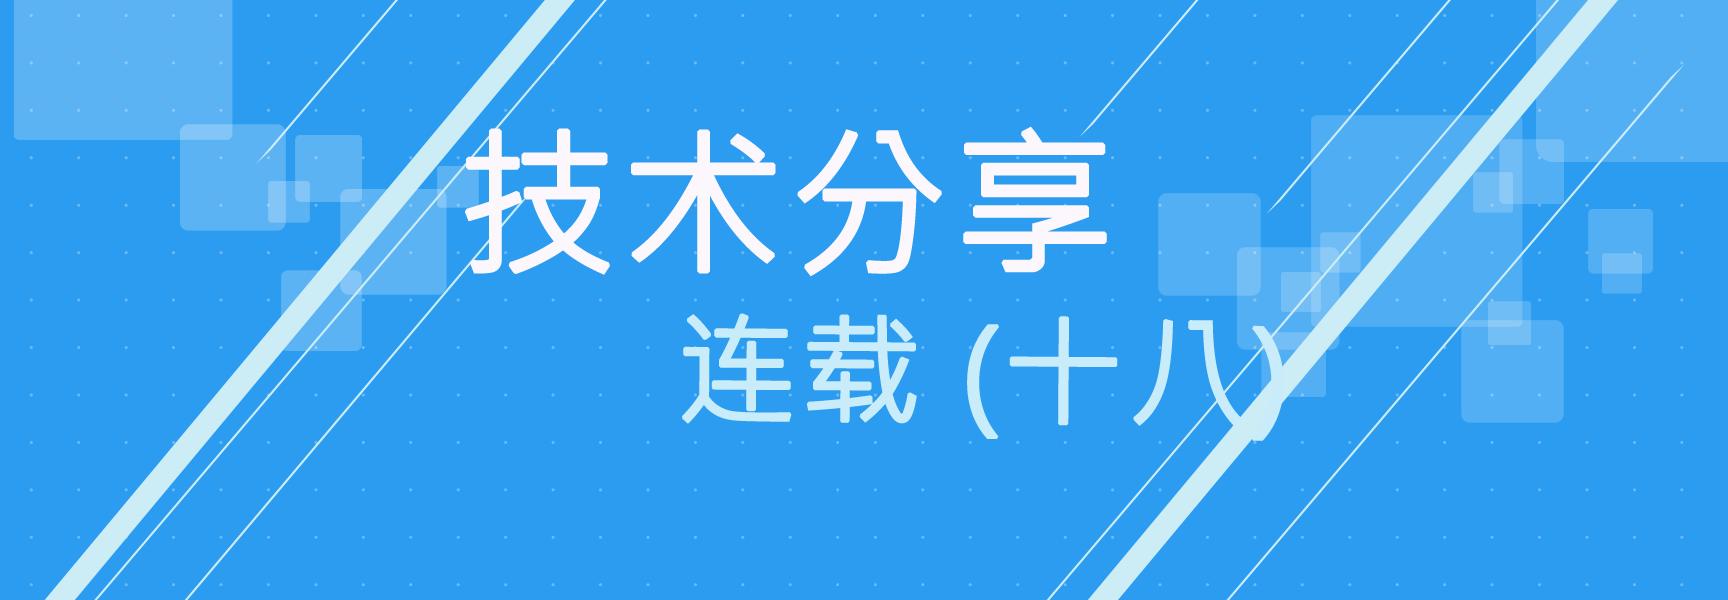 技术分享连载(十八)